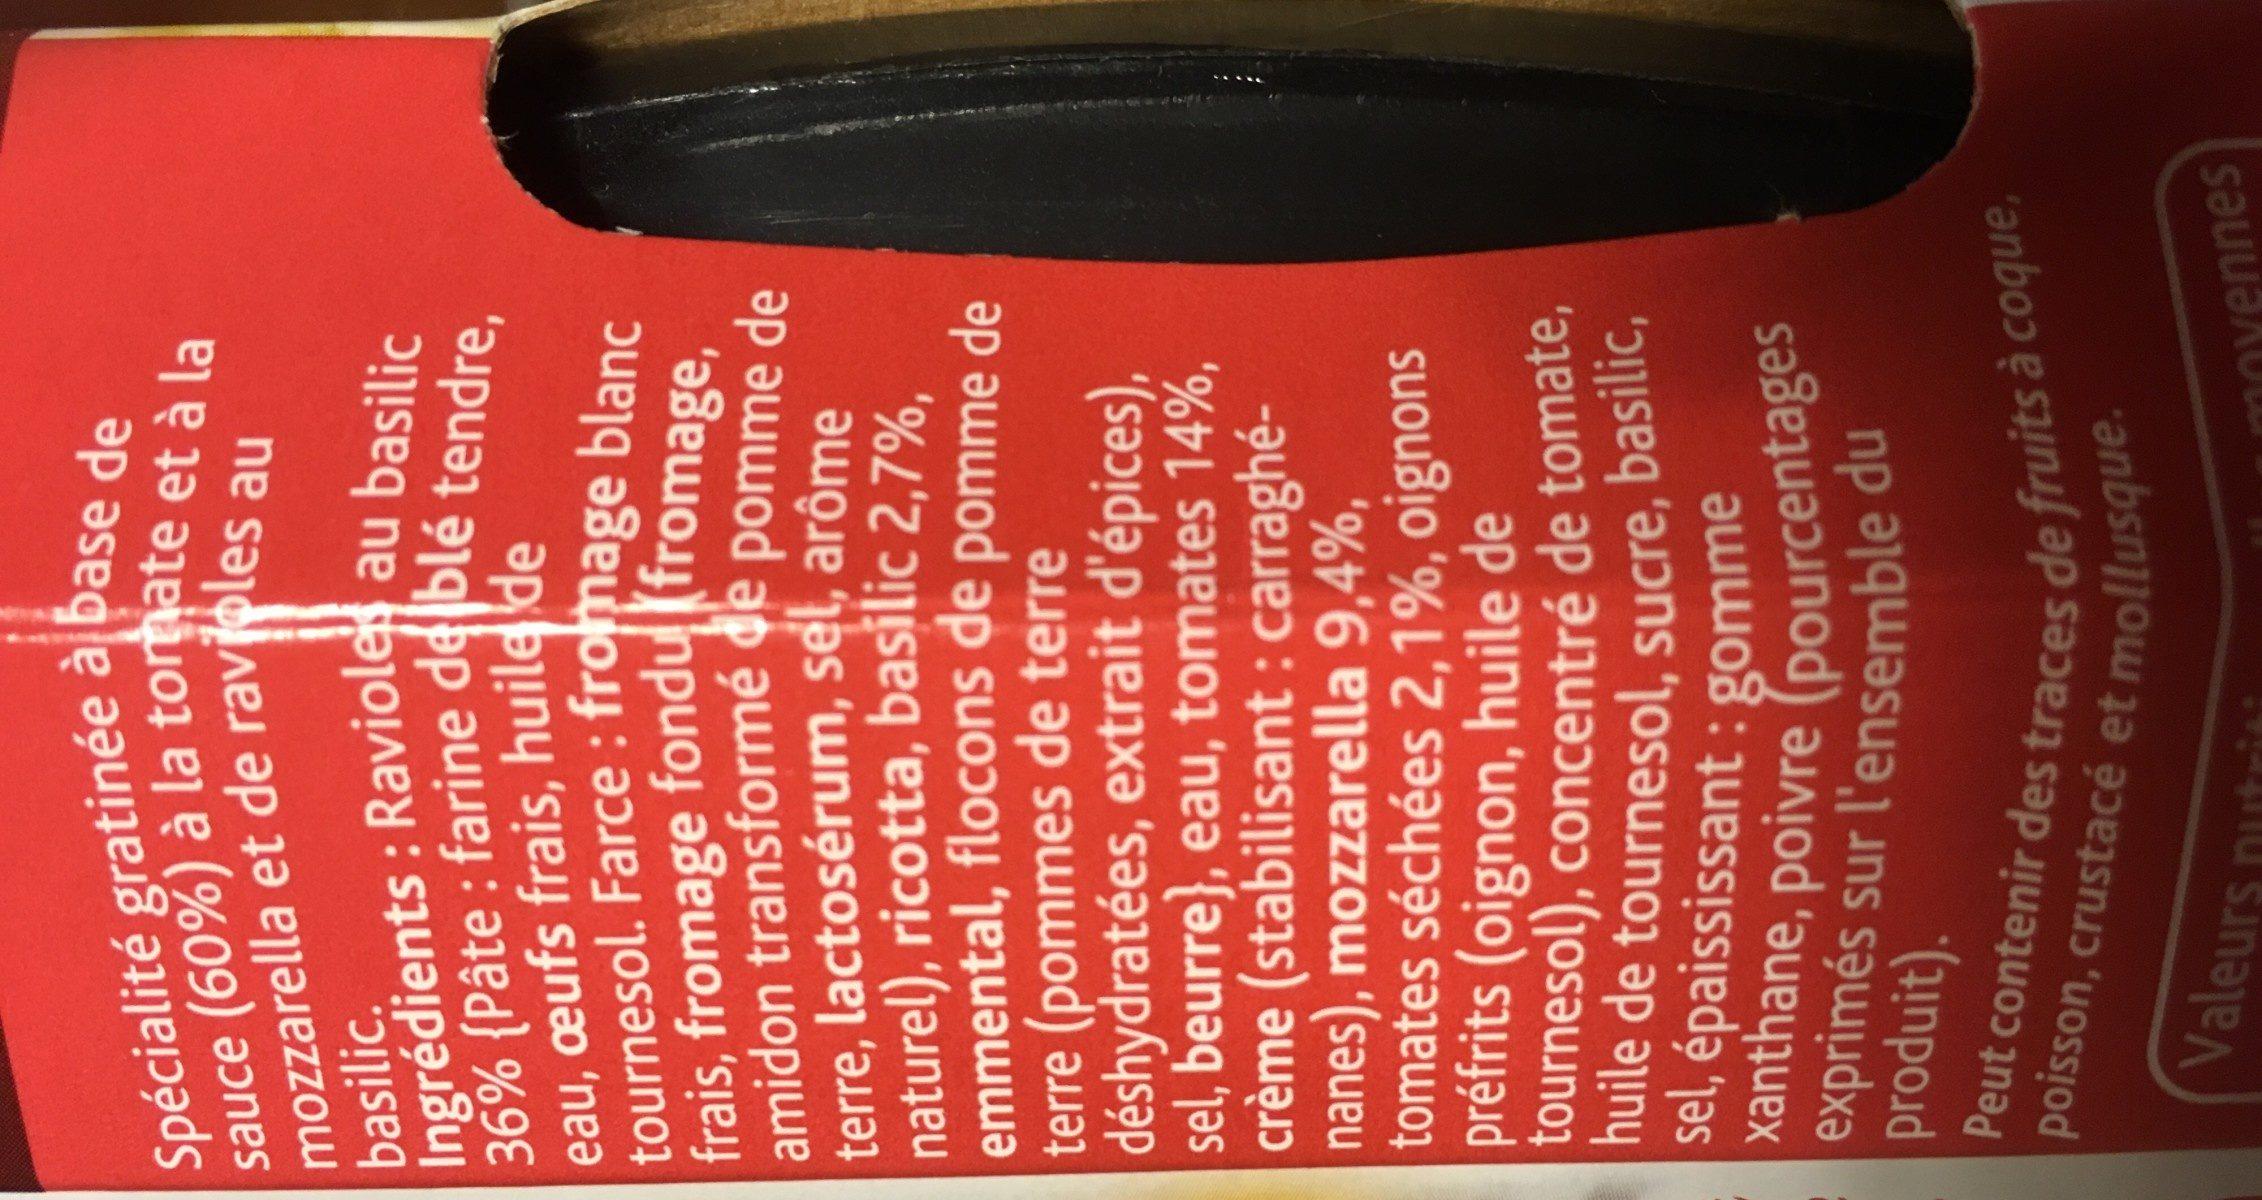 Gratin de ravioles basilic - Ingrédients